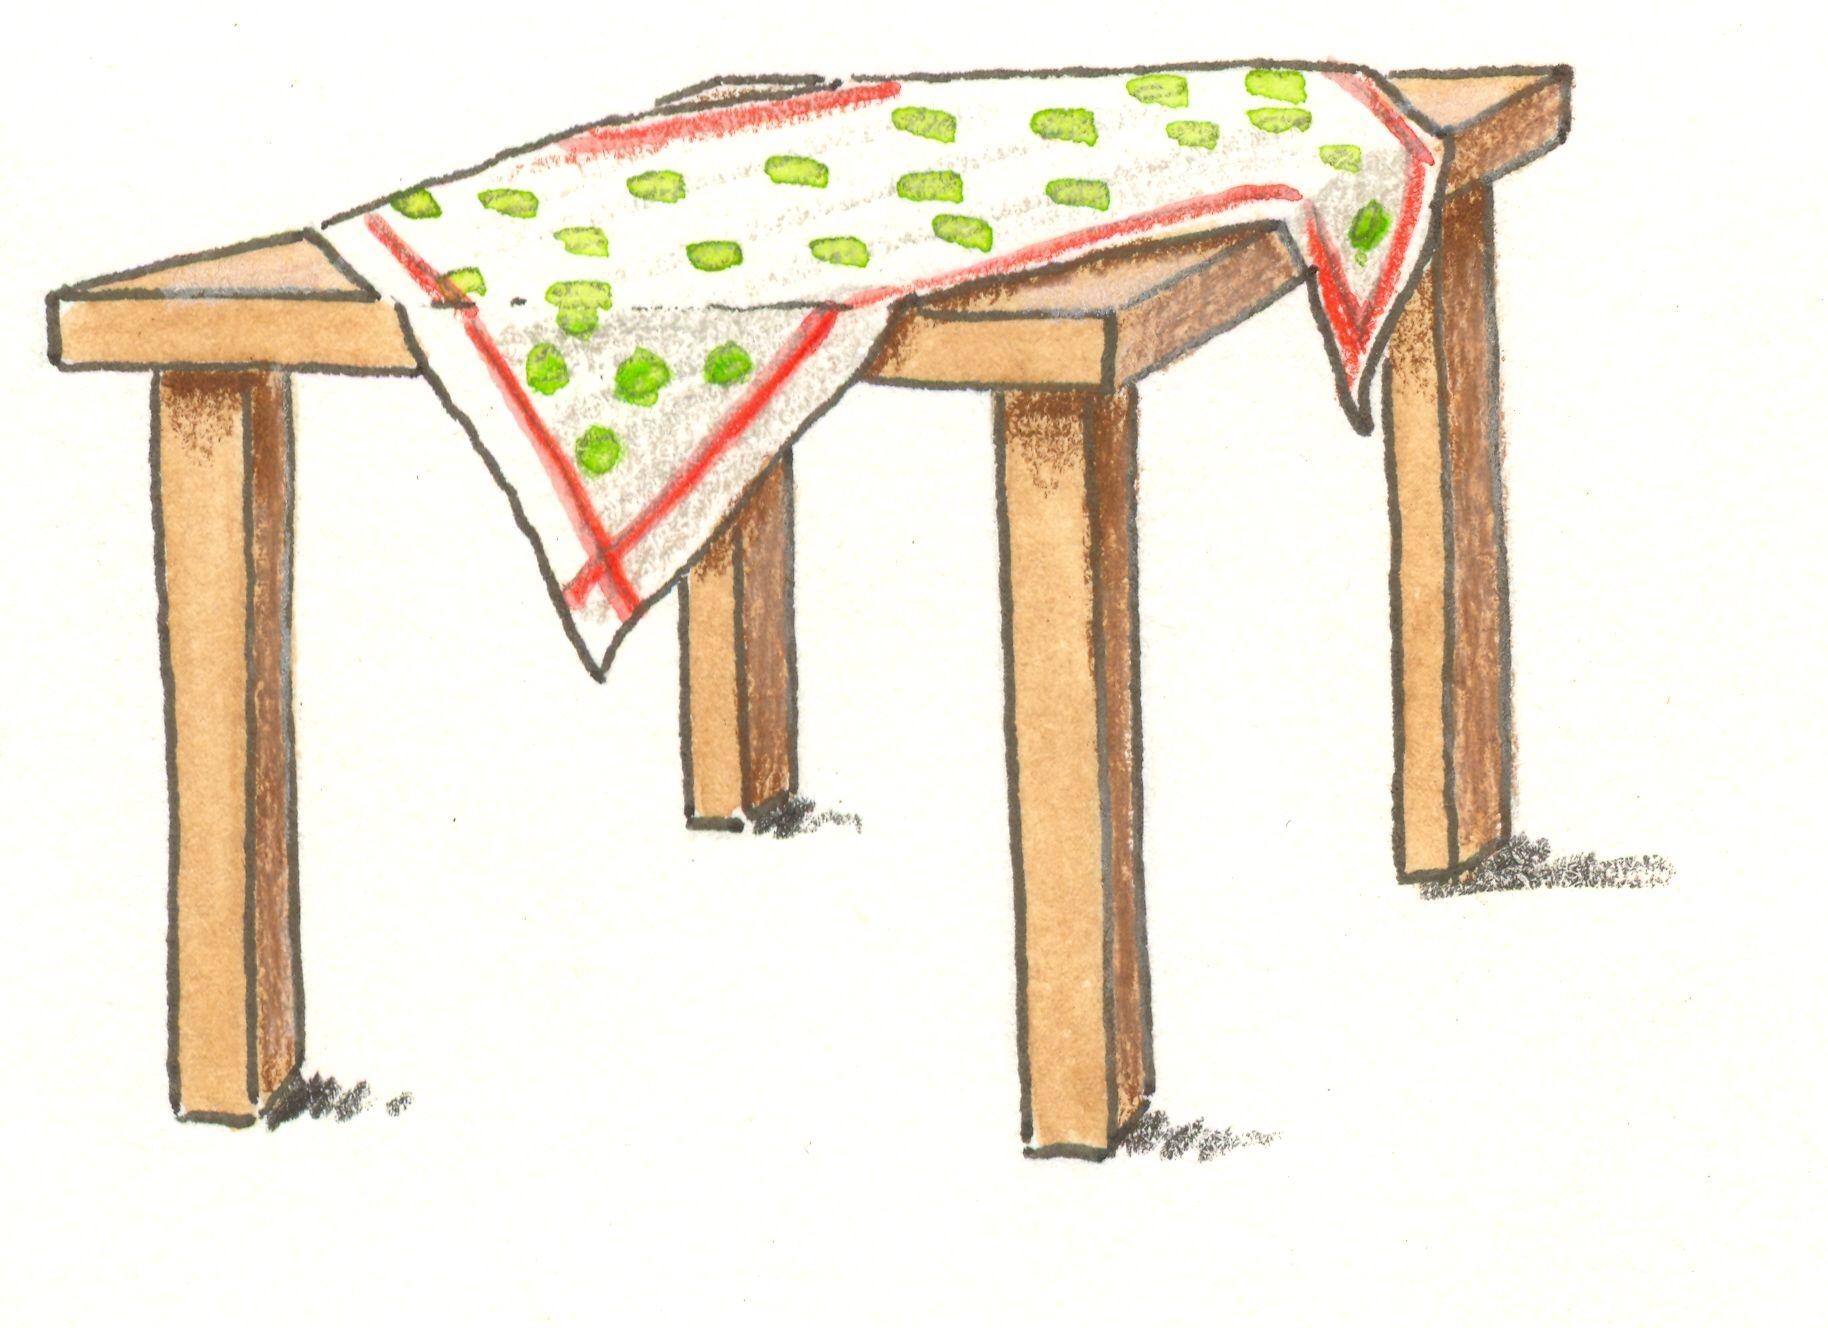 Tisch clipart jpg Tisch clipart 10 » Clipart Station jpg